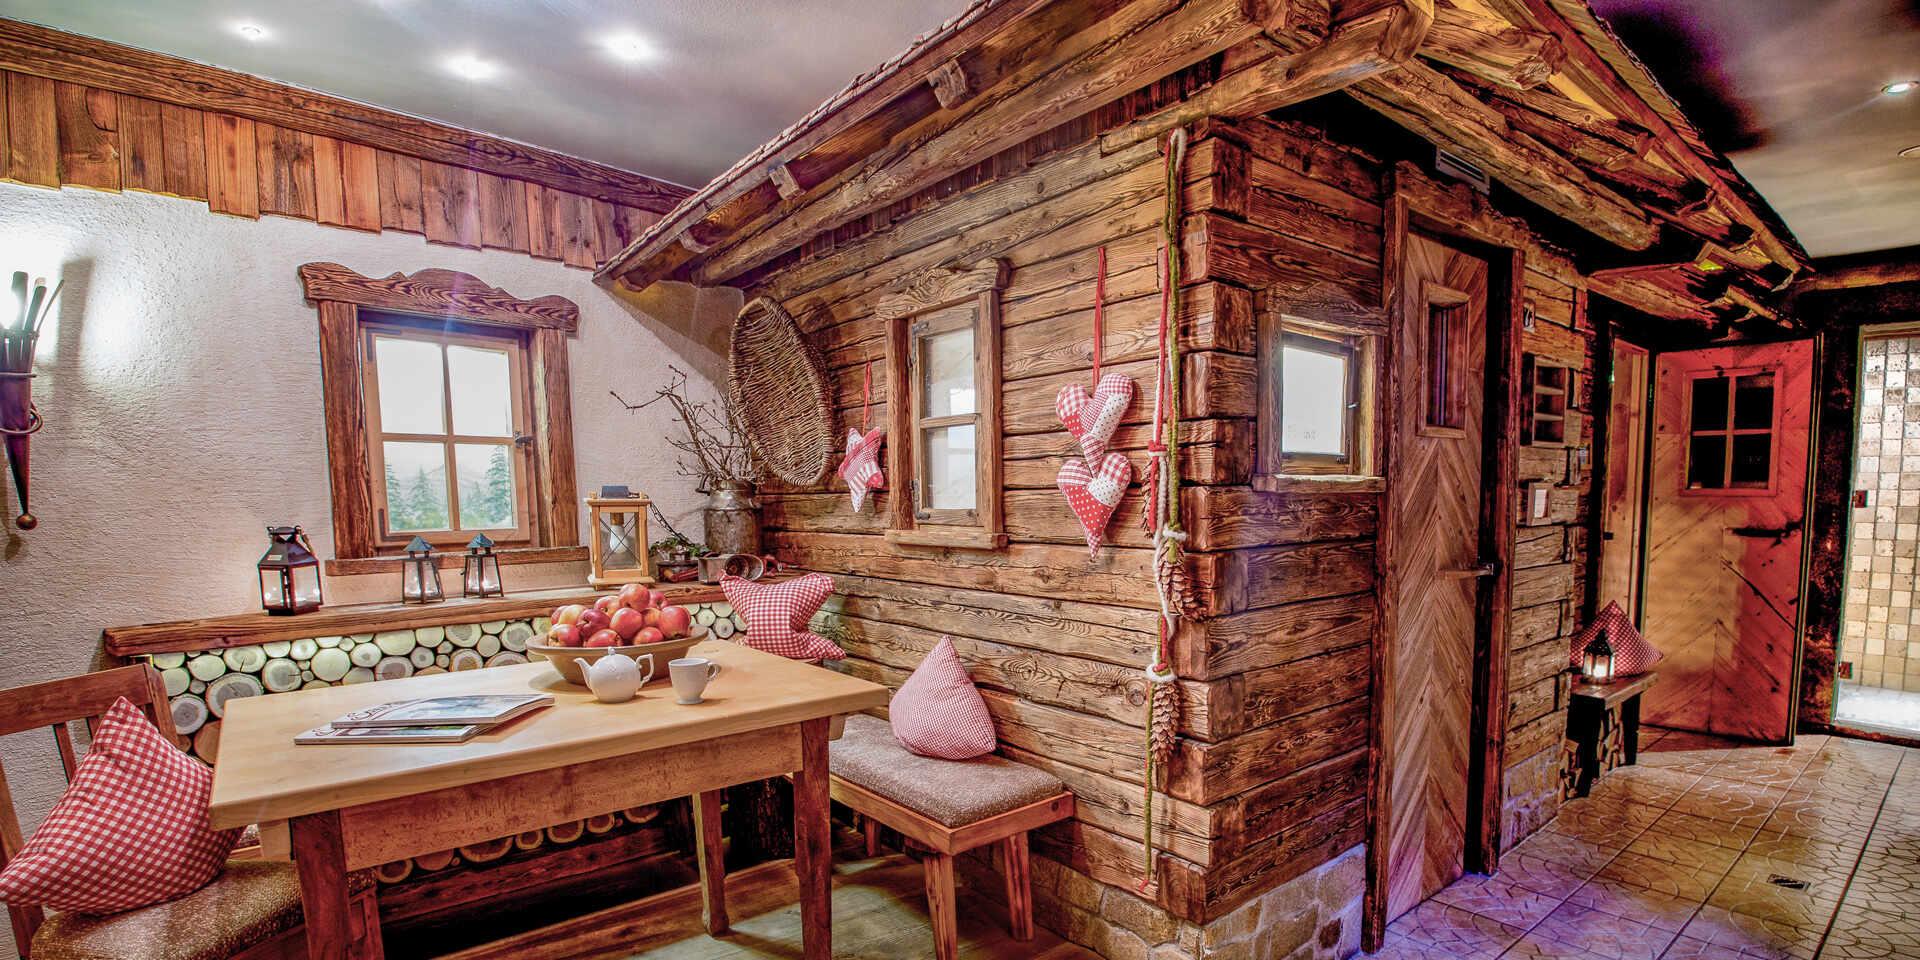 4 Sterne Wellnesshotel Brunner Hof Bayerischer Wald Bayern